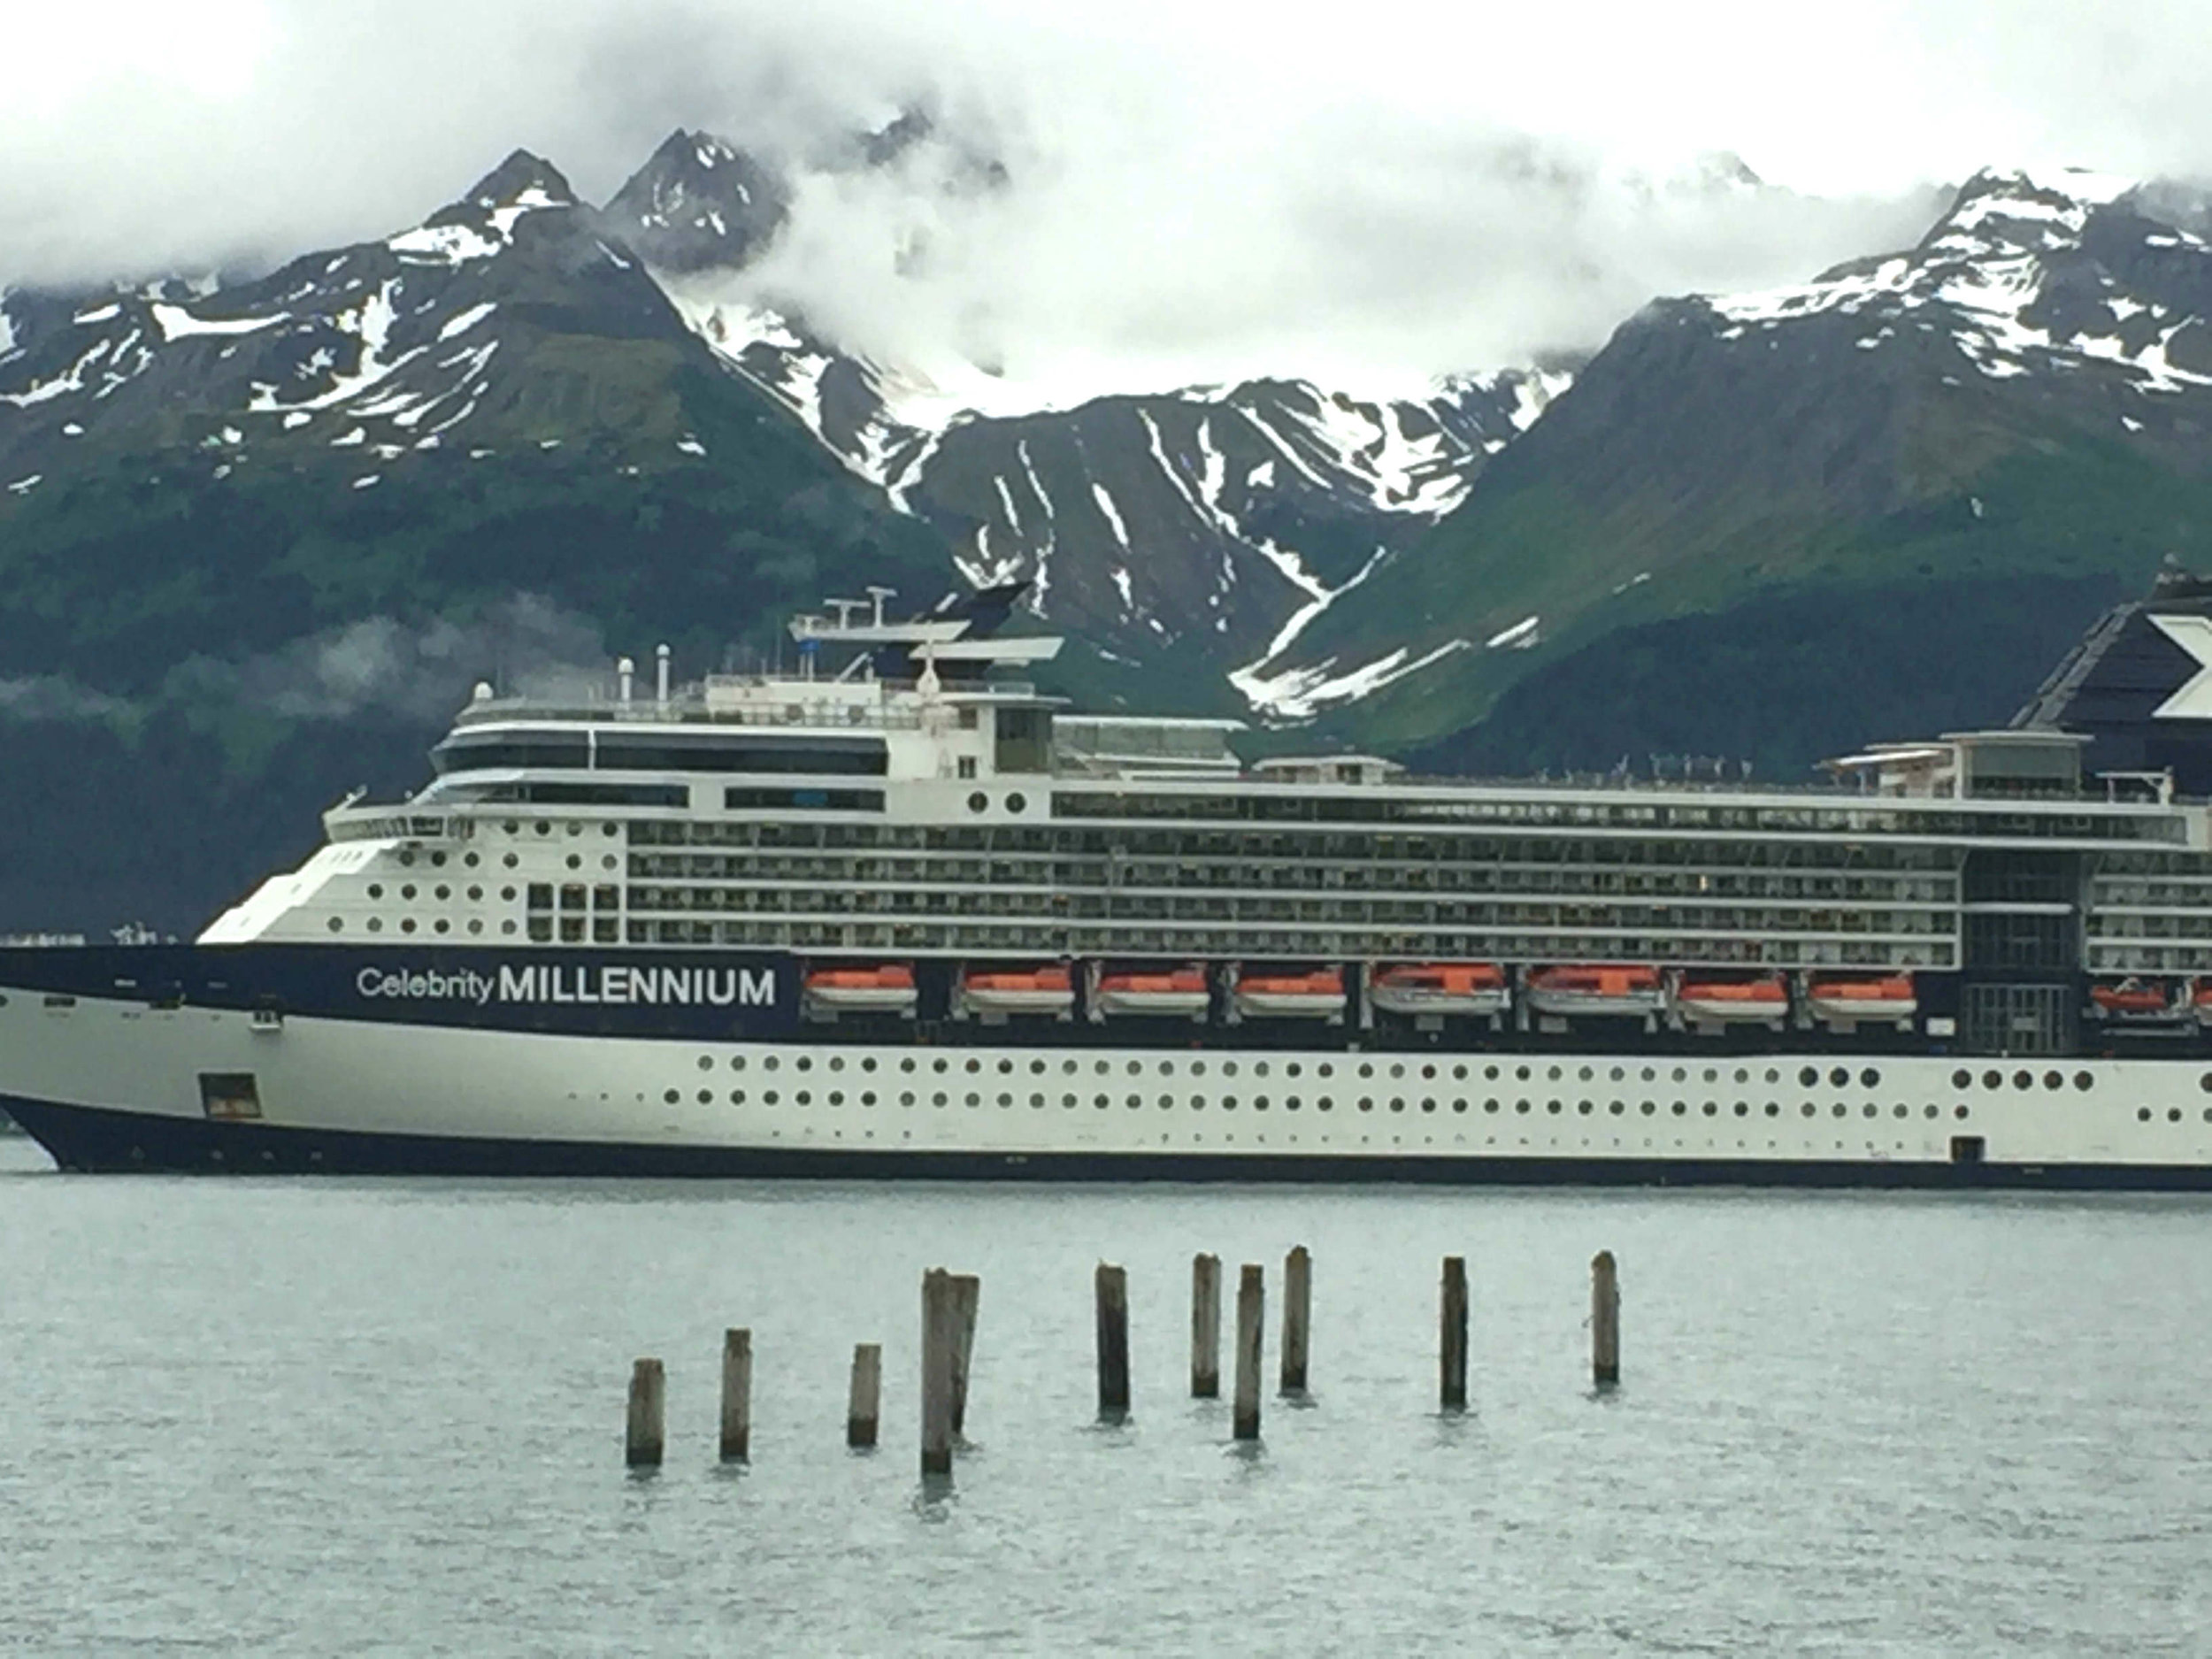 several cruise lines visit Seward regularly